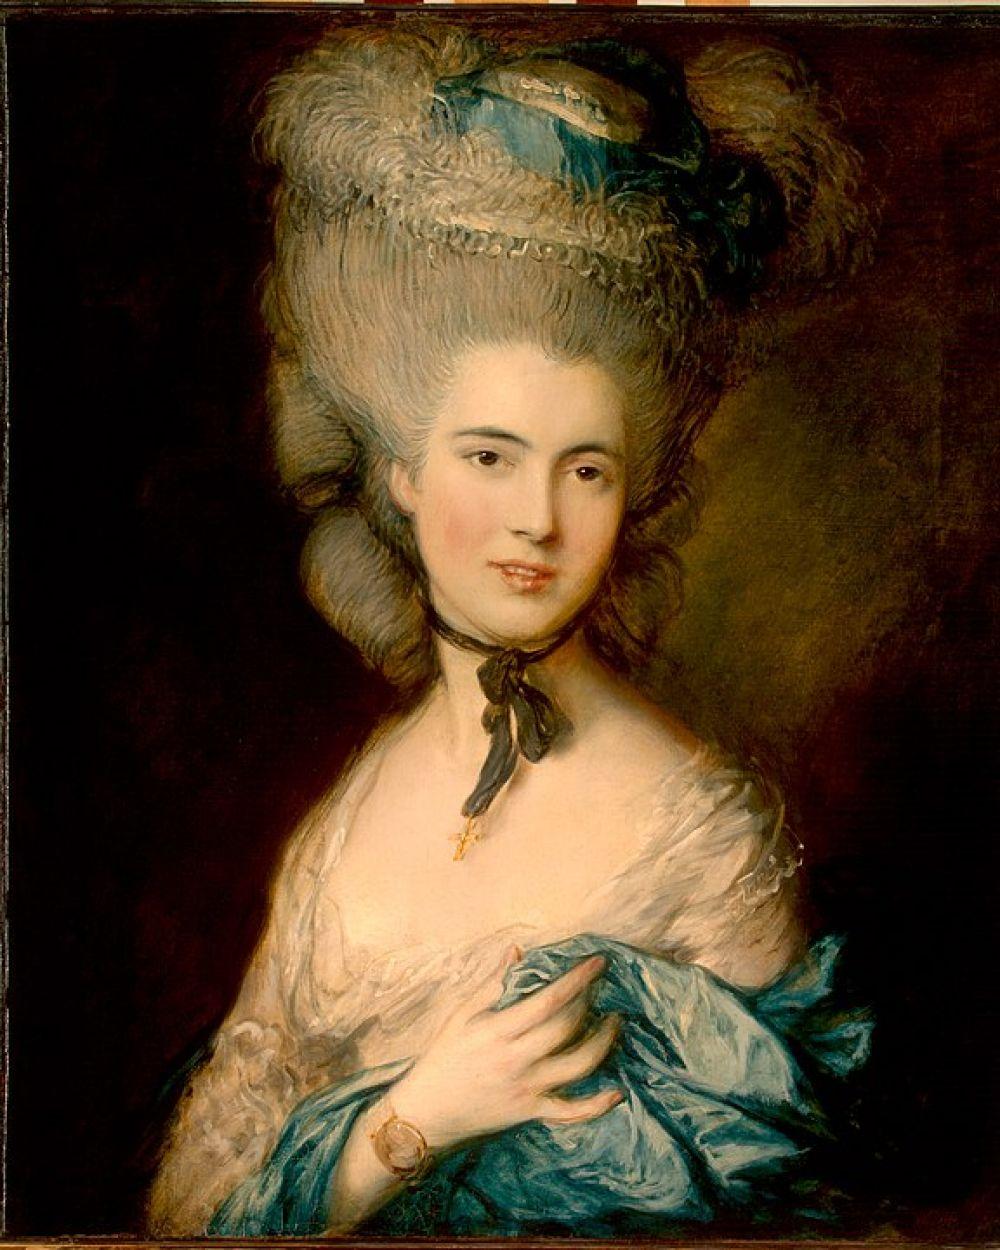 Томас Гейнсборо. Портрет дамы в голубом. Конец 1770 - начало 1780-х годов